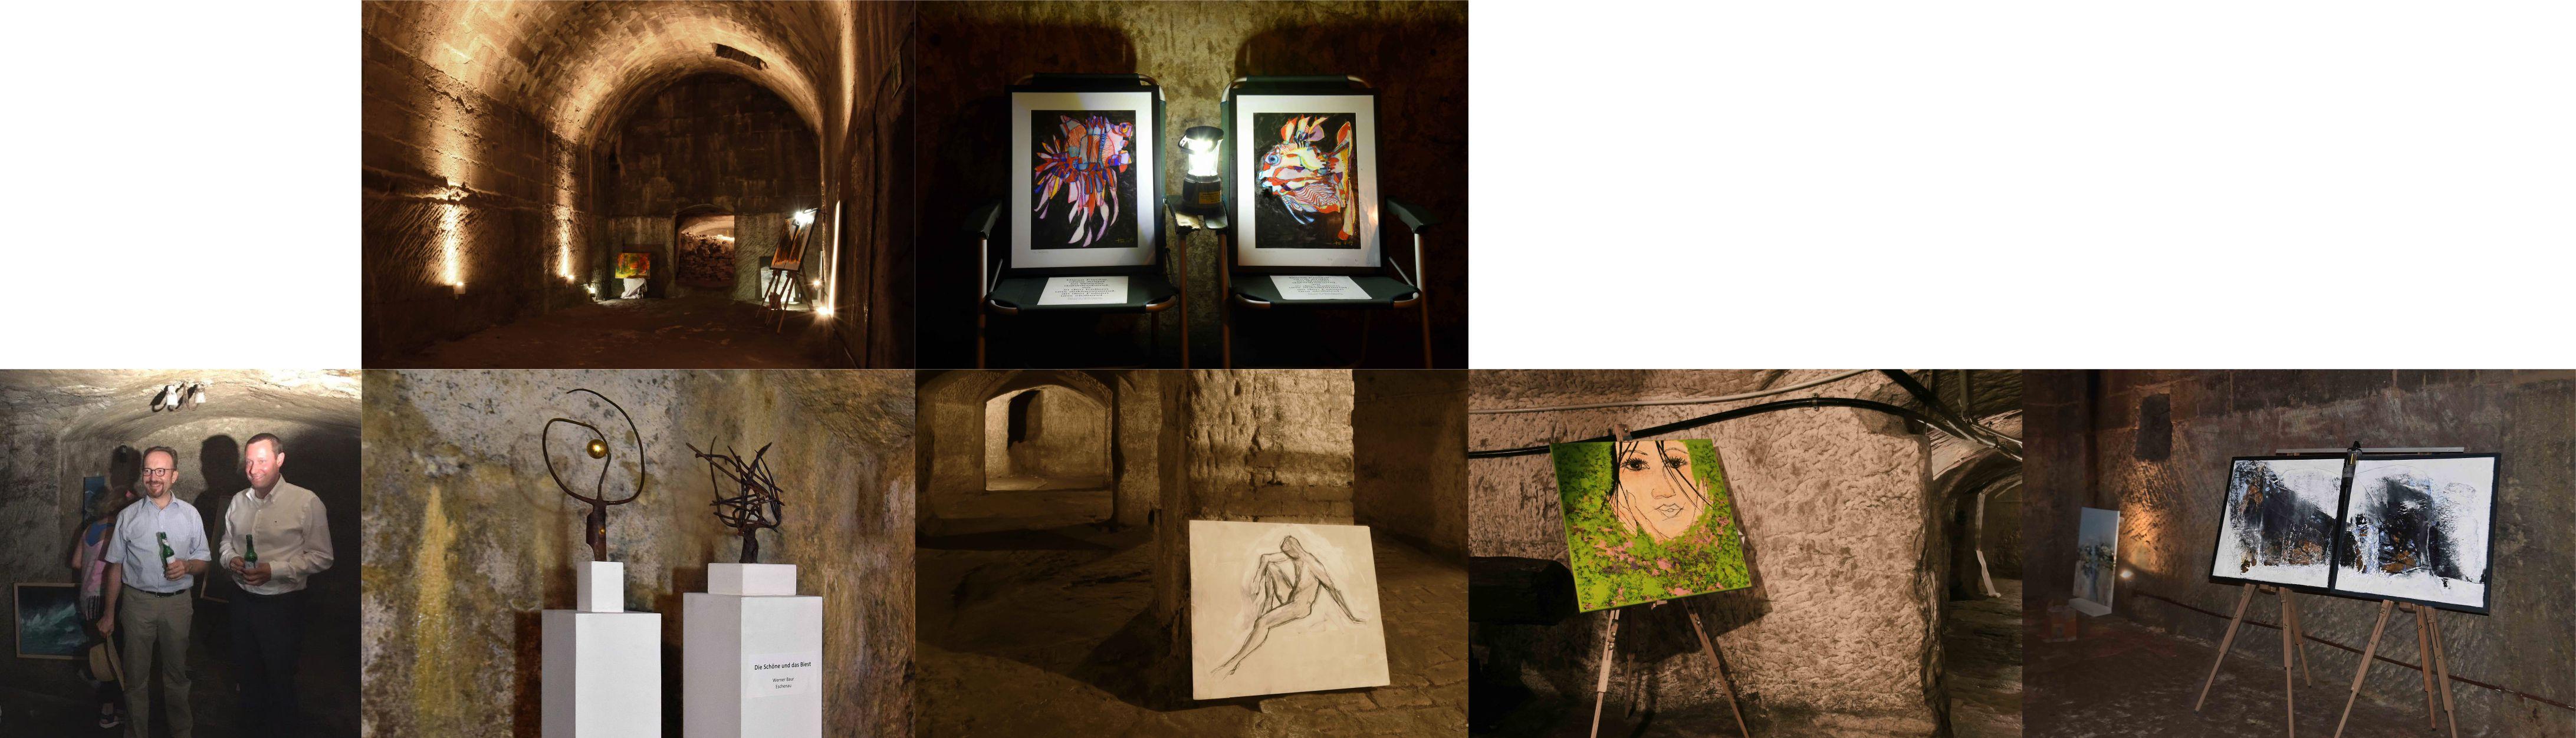 Untergrund – Kunst zum Altstadtfest in den Felsenkellern von Lauf